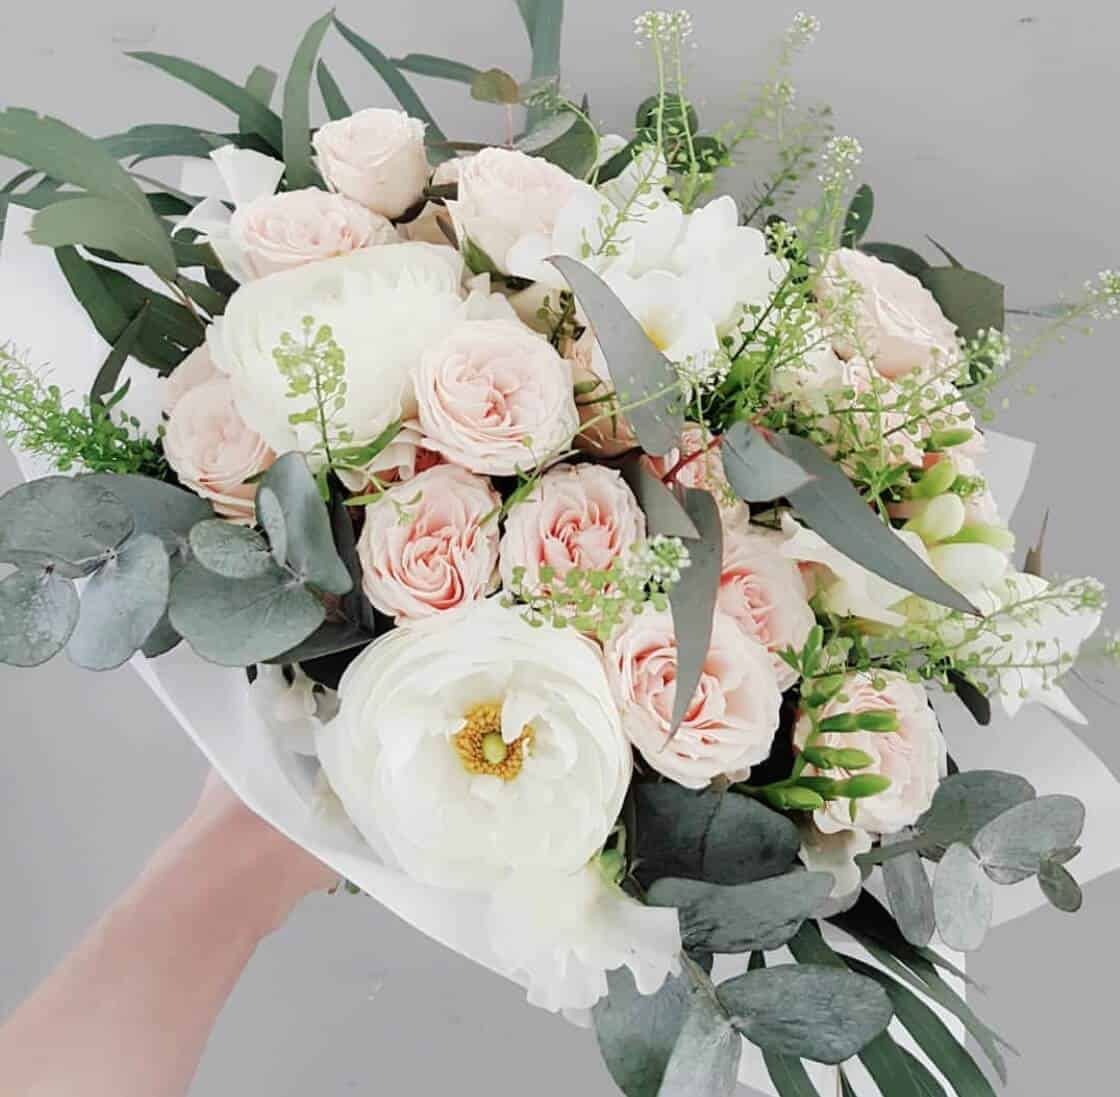 5c45c6e3486 Pruudikimp ja pulmalilled - Studio Nelk - lillede saatmine kulleriga